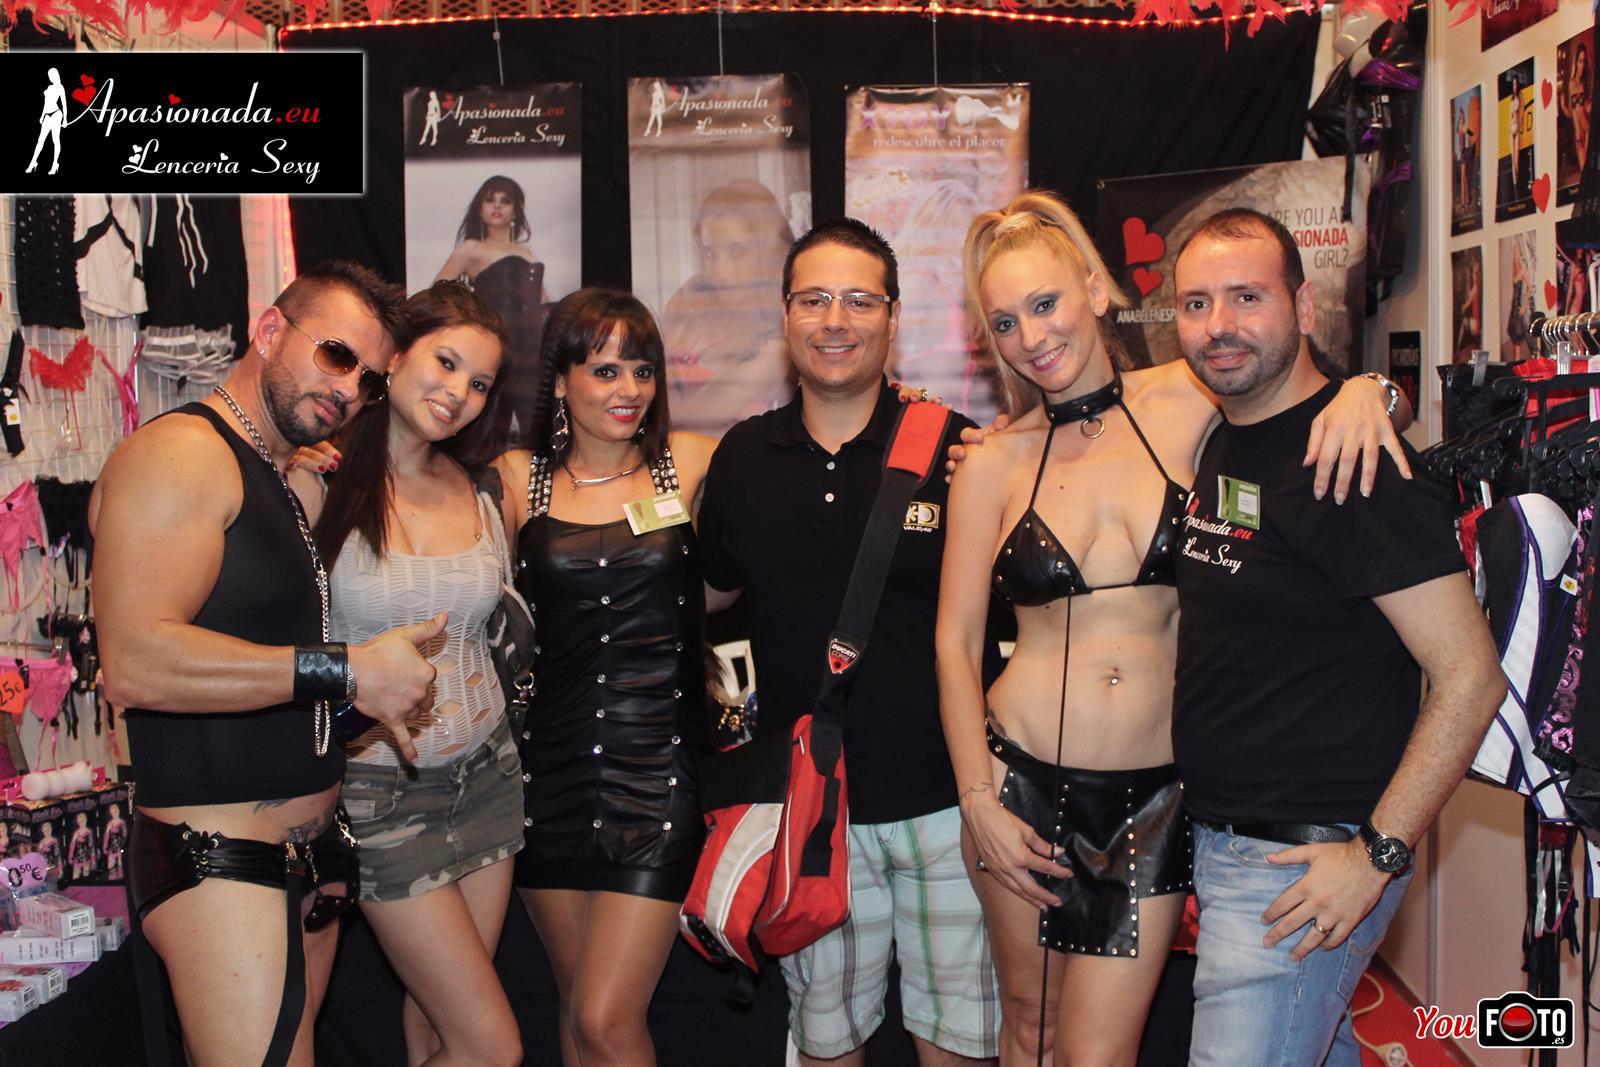 En el stand de Apasionada en el Salón Erótico de Barcelona 2014